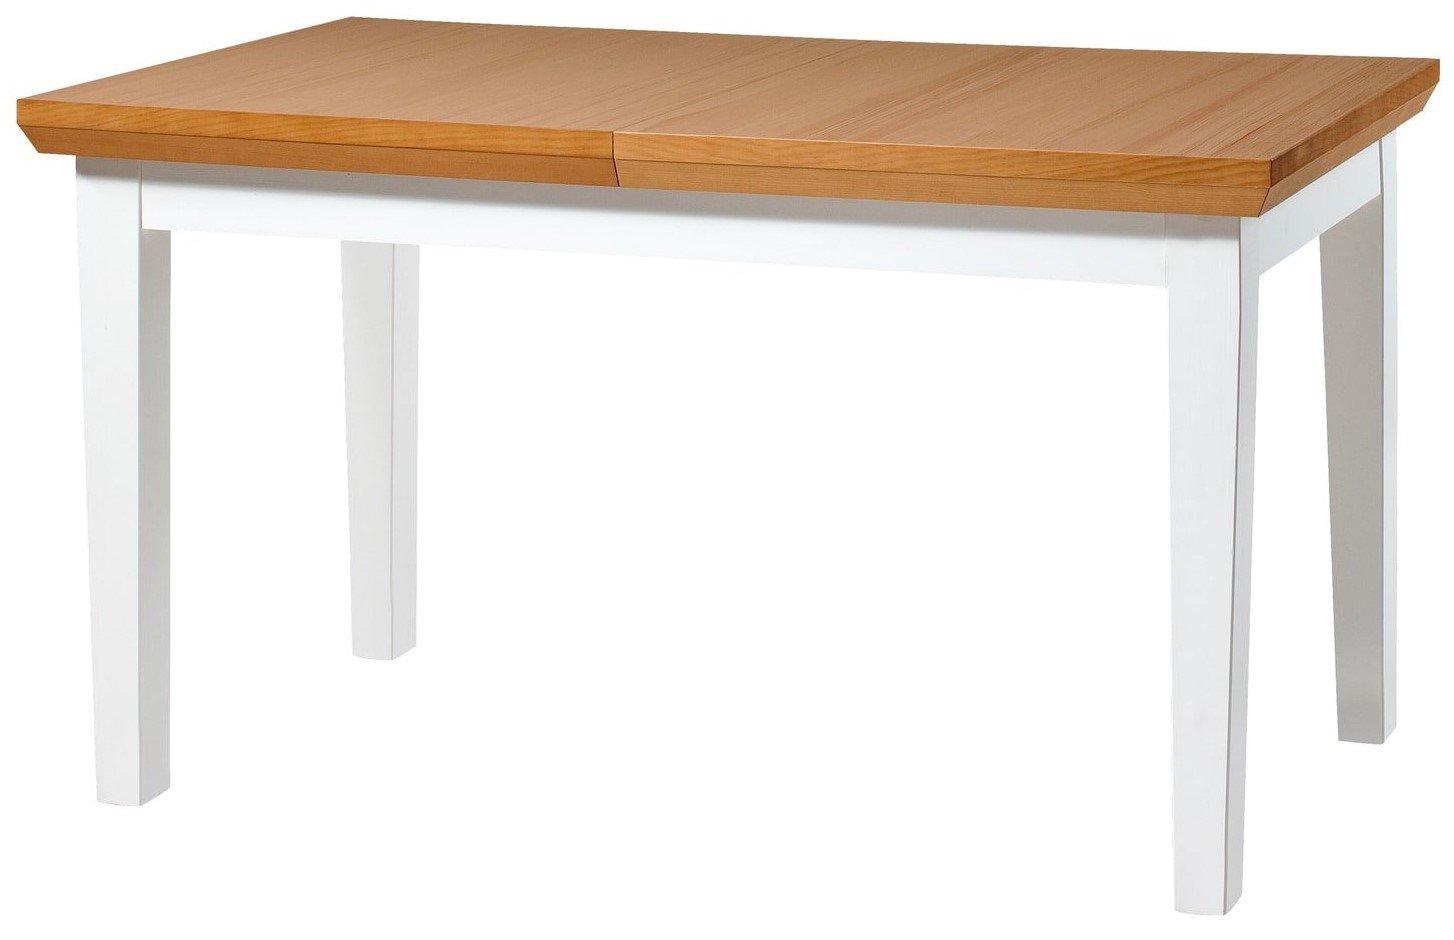 Τραπέζι Colette επεκτεινόμενο